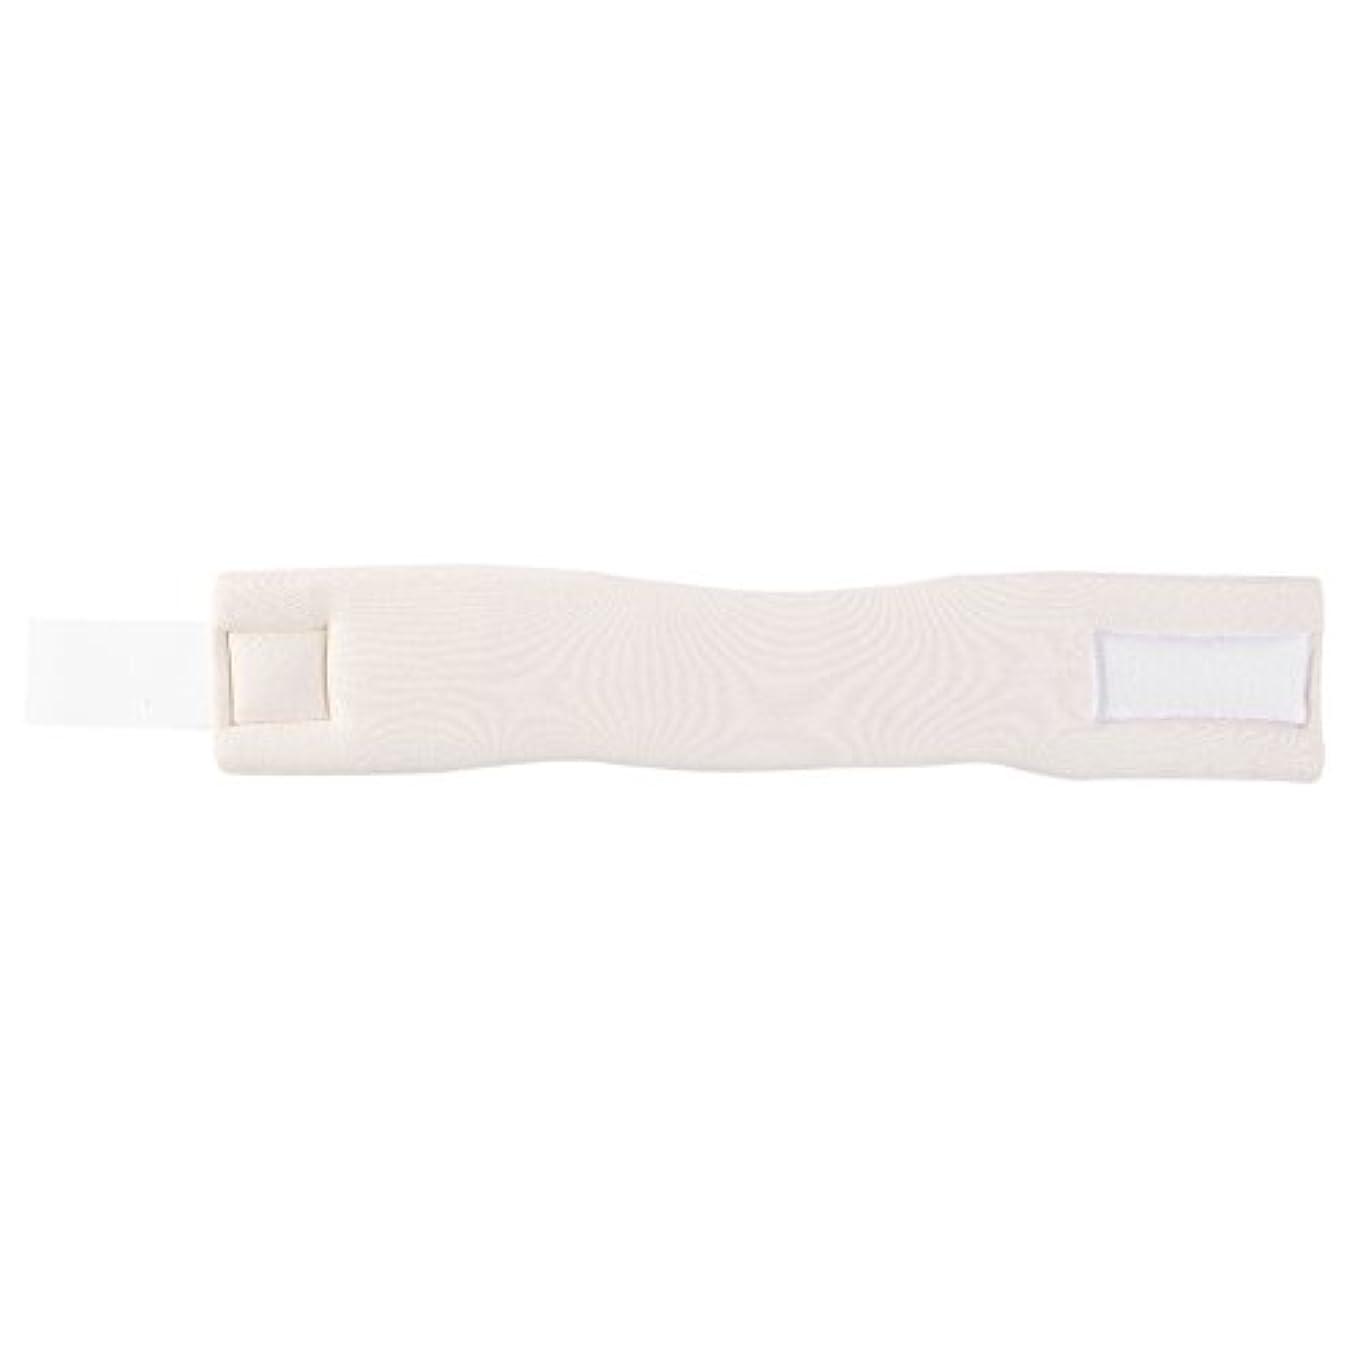 追加教室リフレッシュ調整可能なソフトフォームネックブレースサポート転位固定痛み軽減頸部カラー(M)